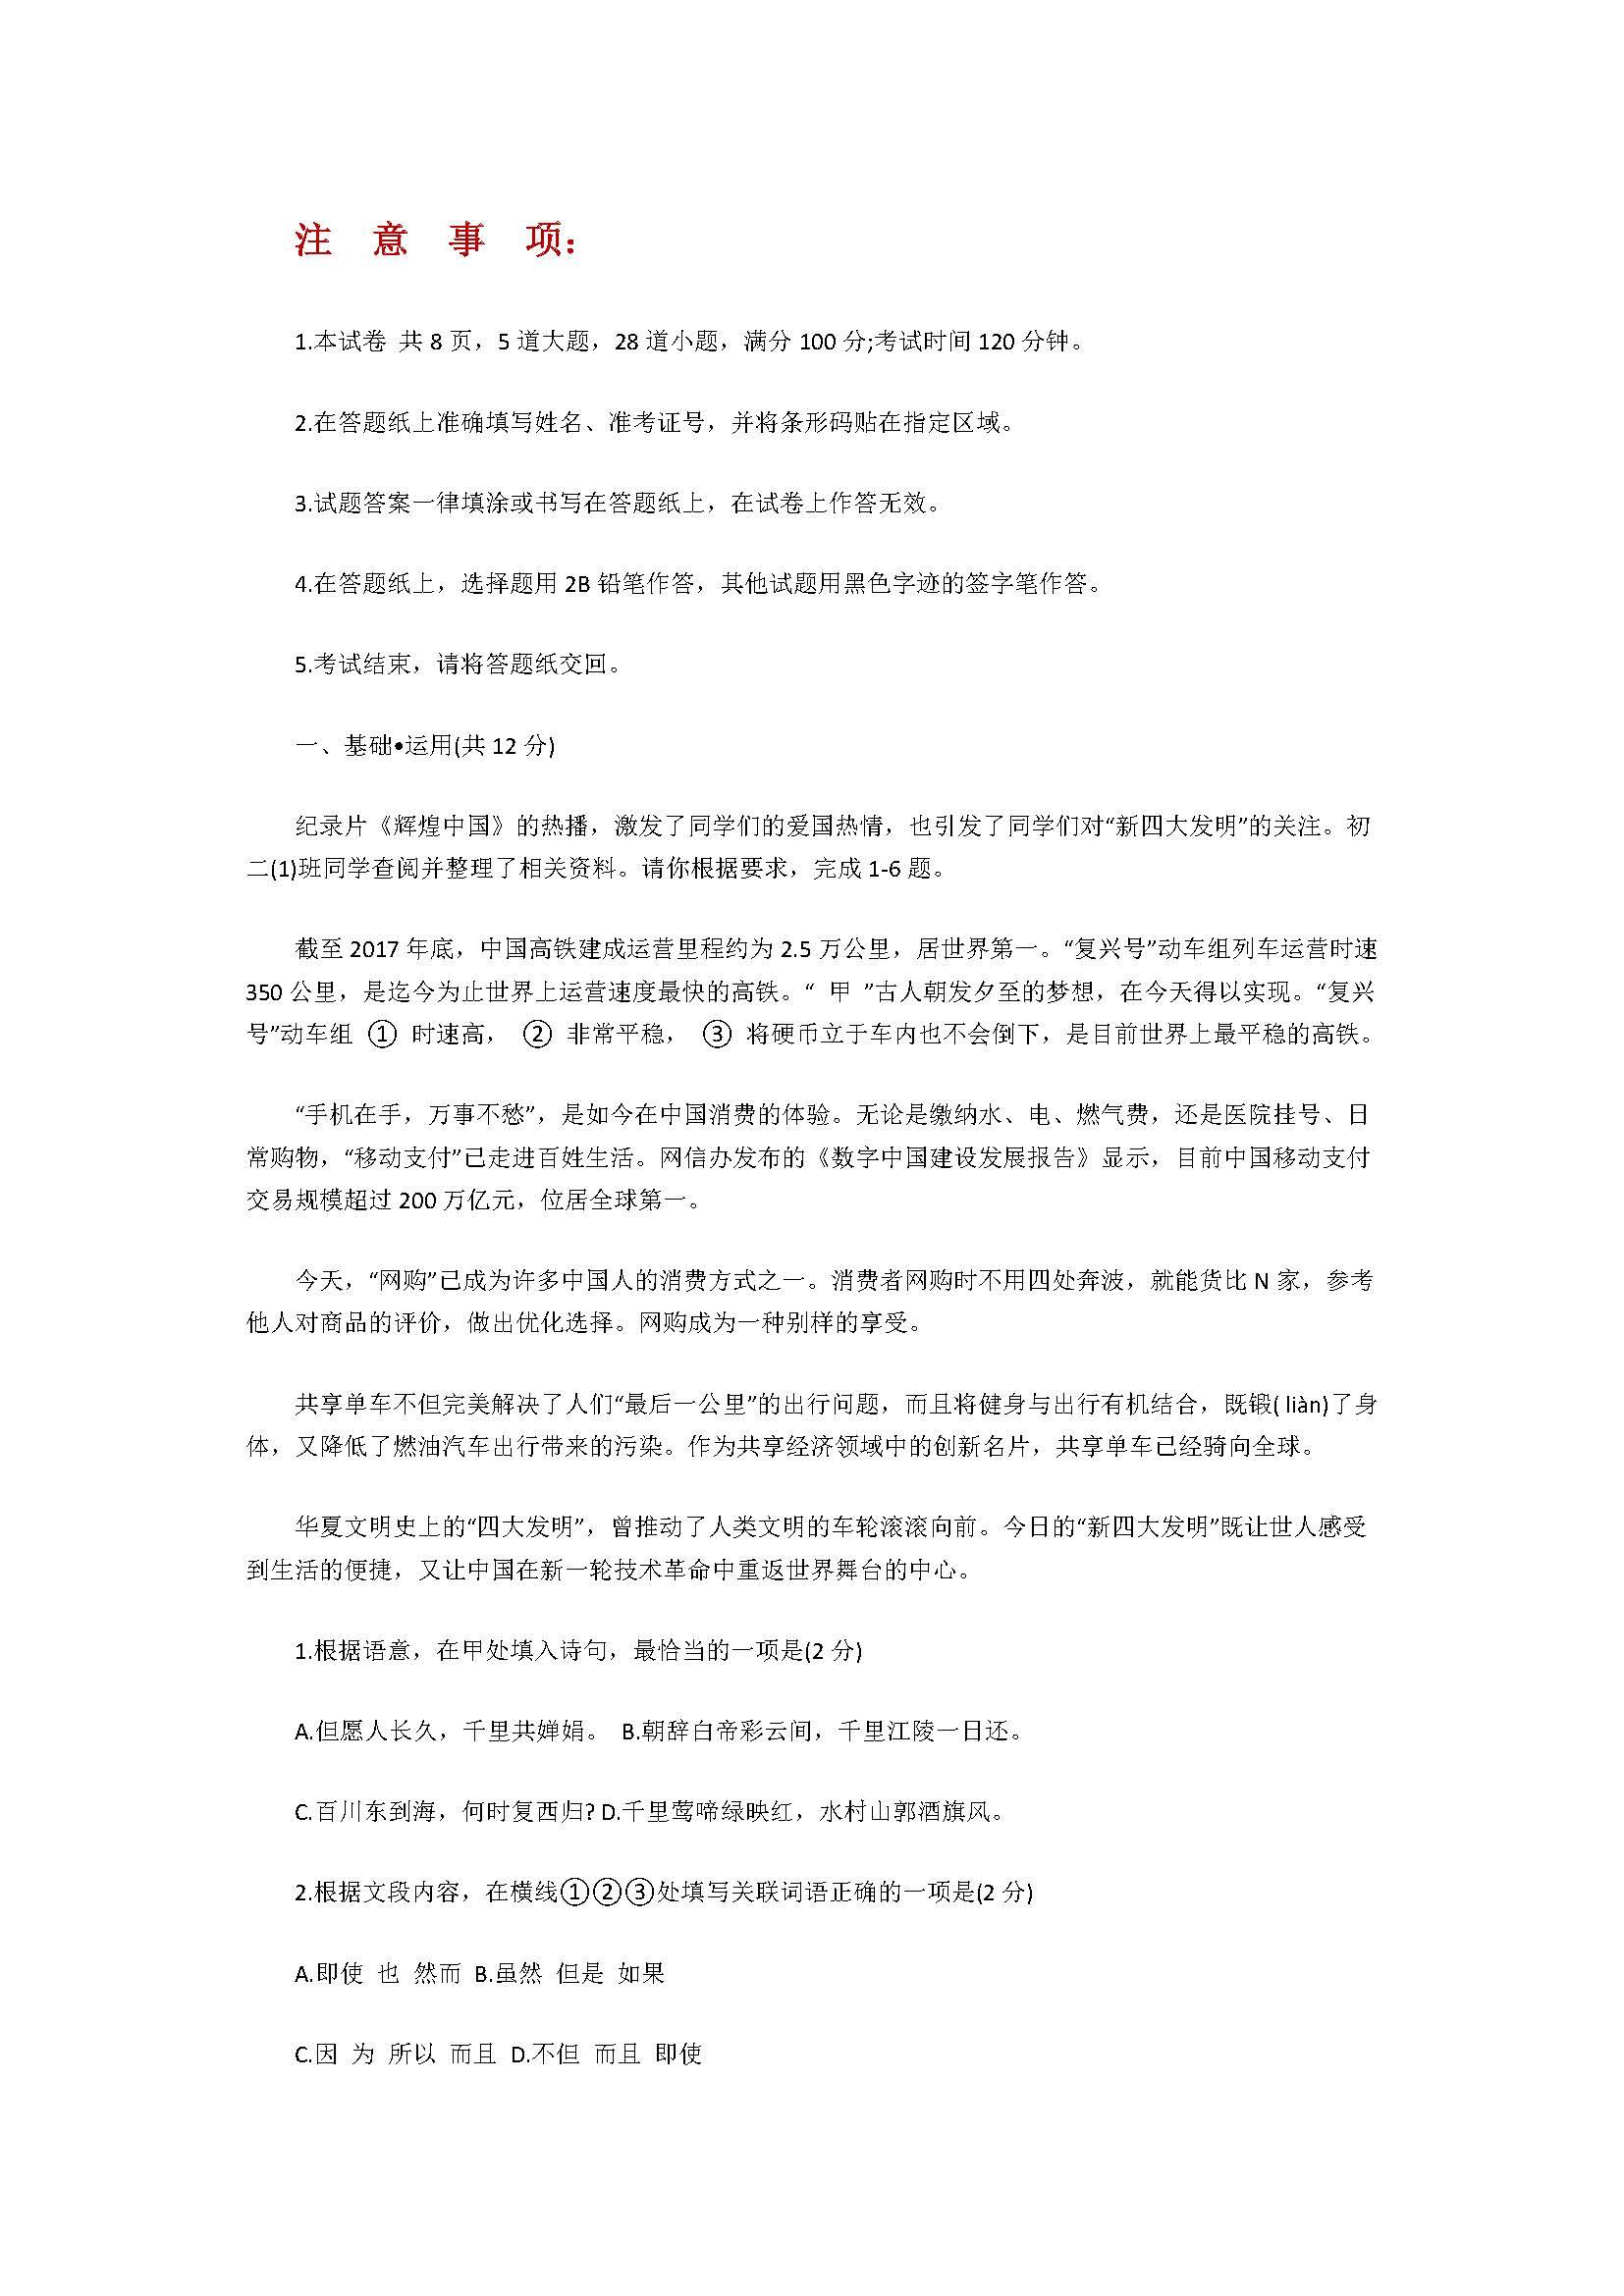 新人教版2018八年级语文下册期末试题含答案(北京市海淀区)